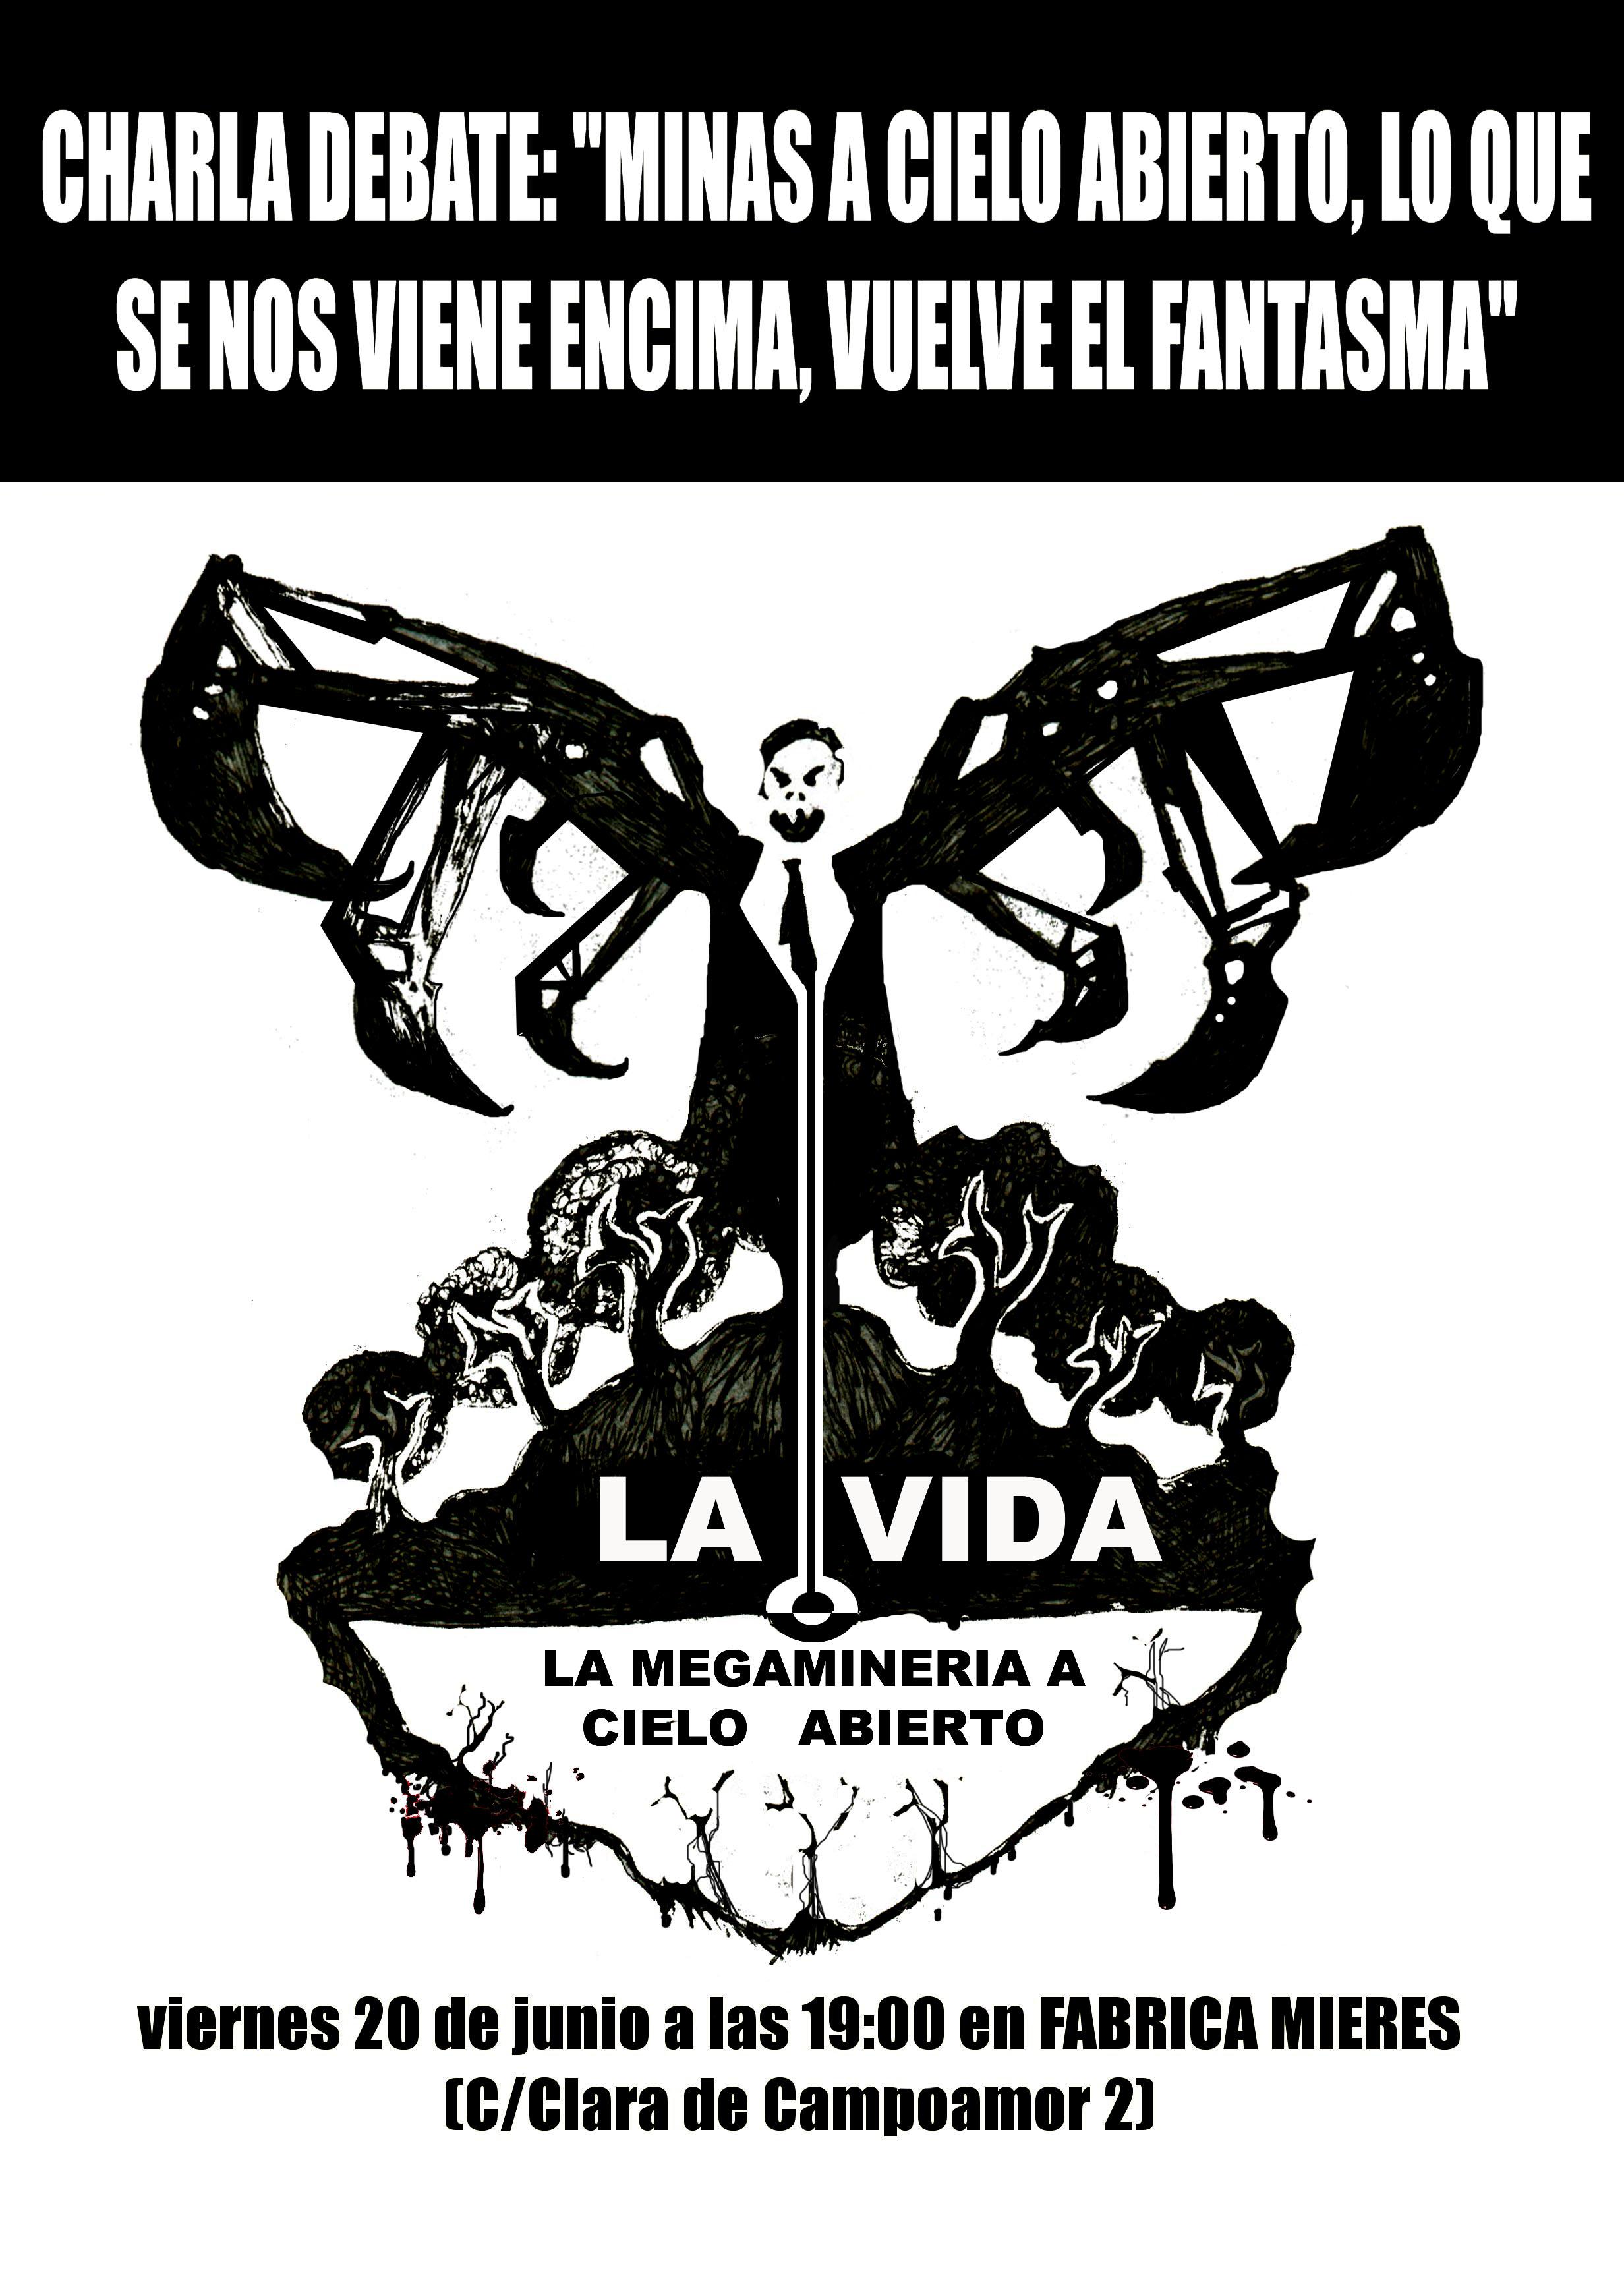 Megaminería en Asturias: charla-debate